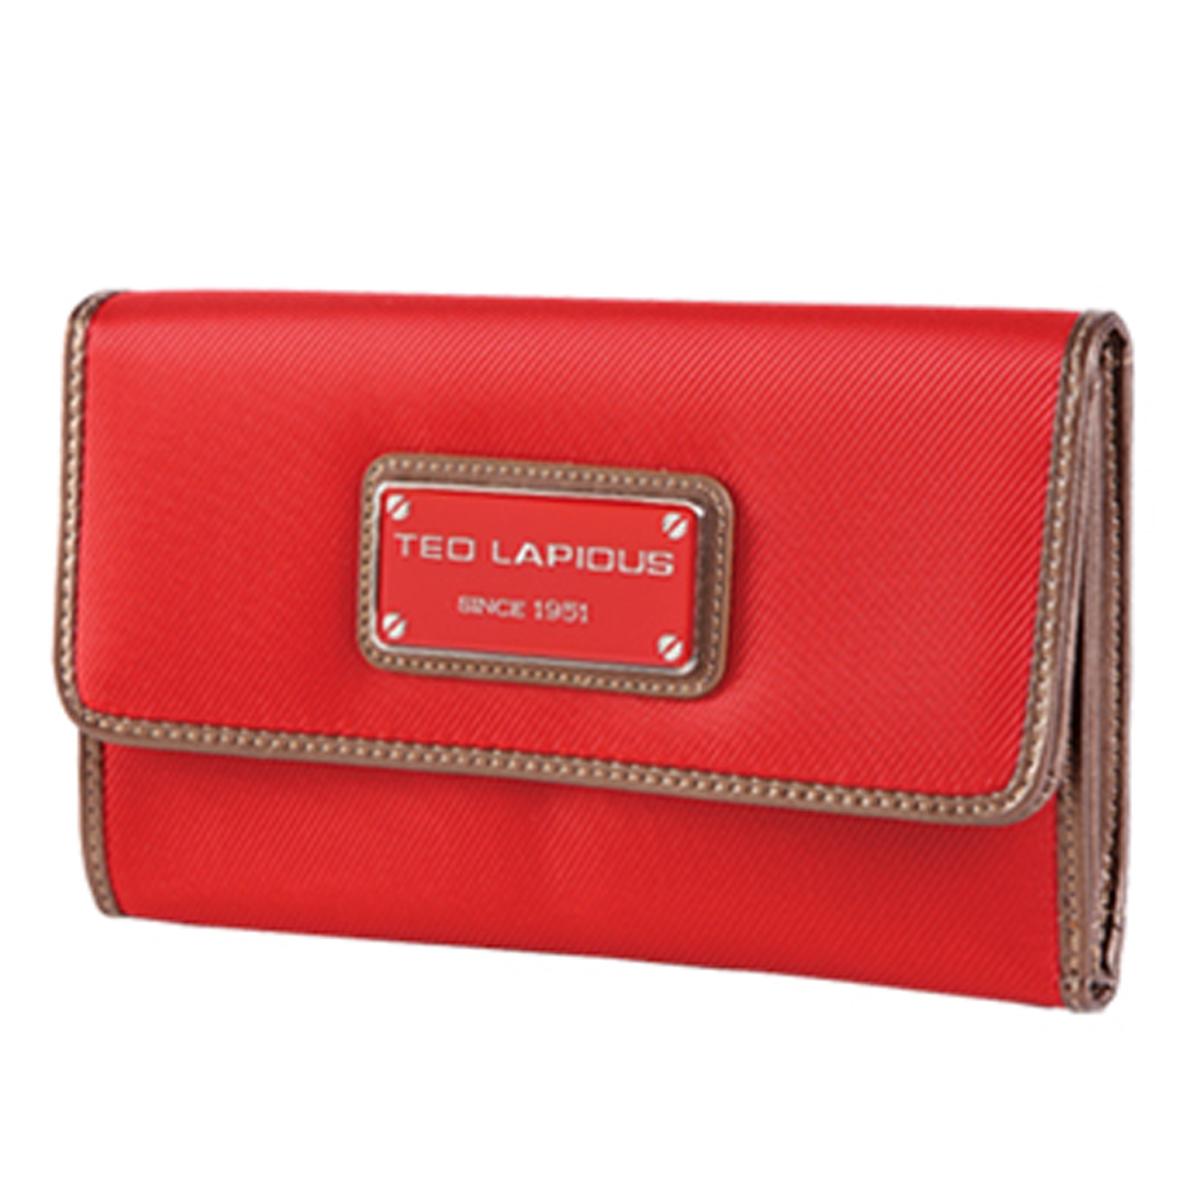 Grand Portefeuille Porte-monnaie \'Ted Lapidus\' rouge - [K5725]